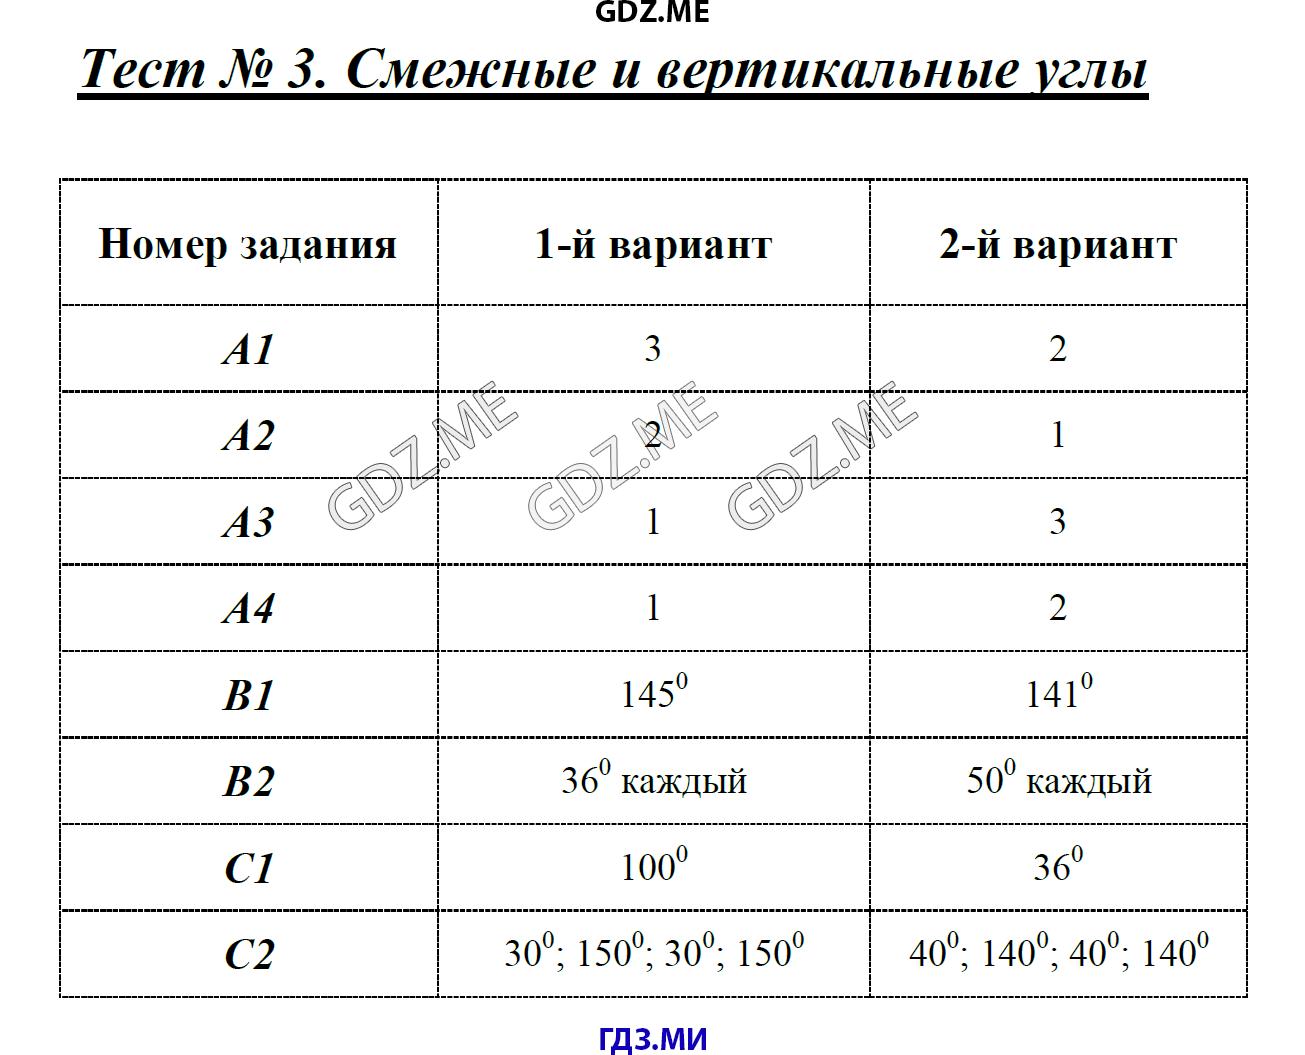 Готовые задания по анатасяну 7 класс самостоятельные